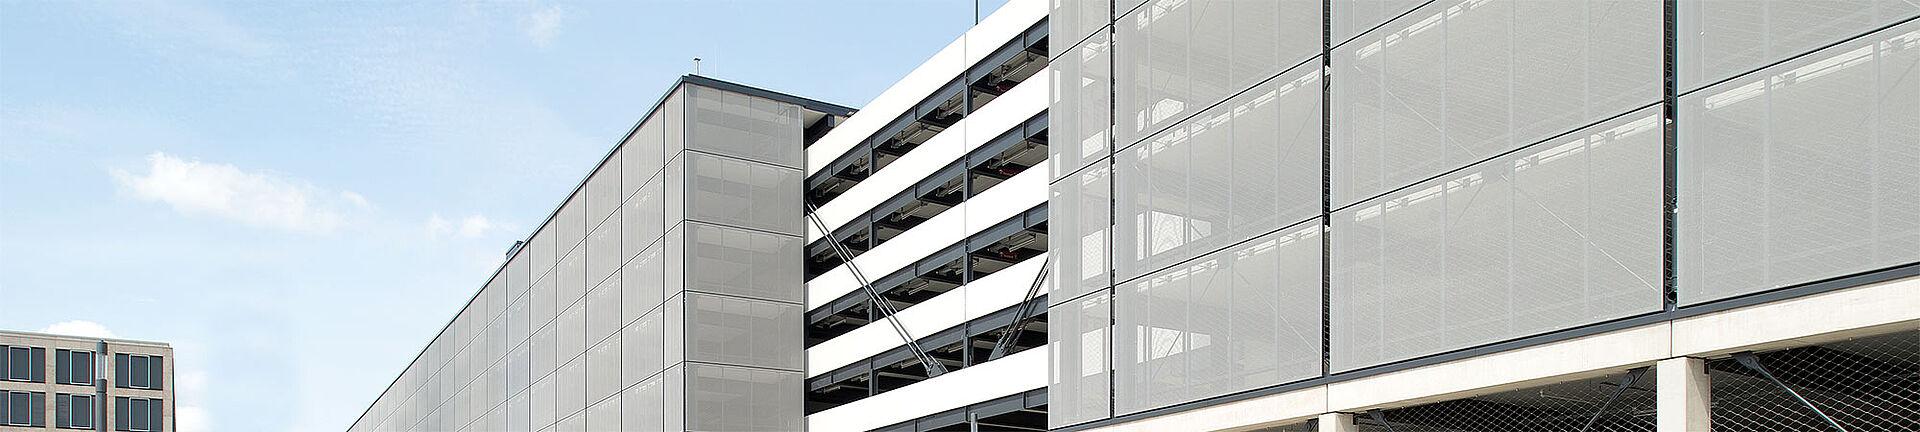 Fassade Parkhaus Netz Absturzsicherung X-TEND